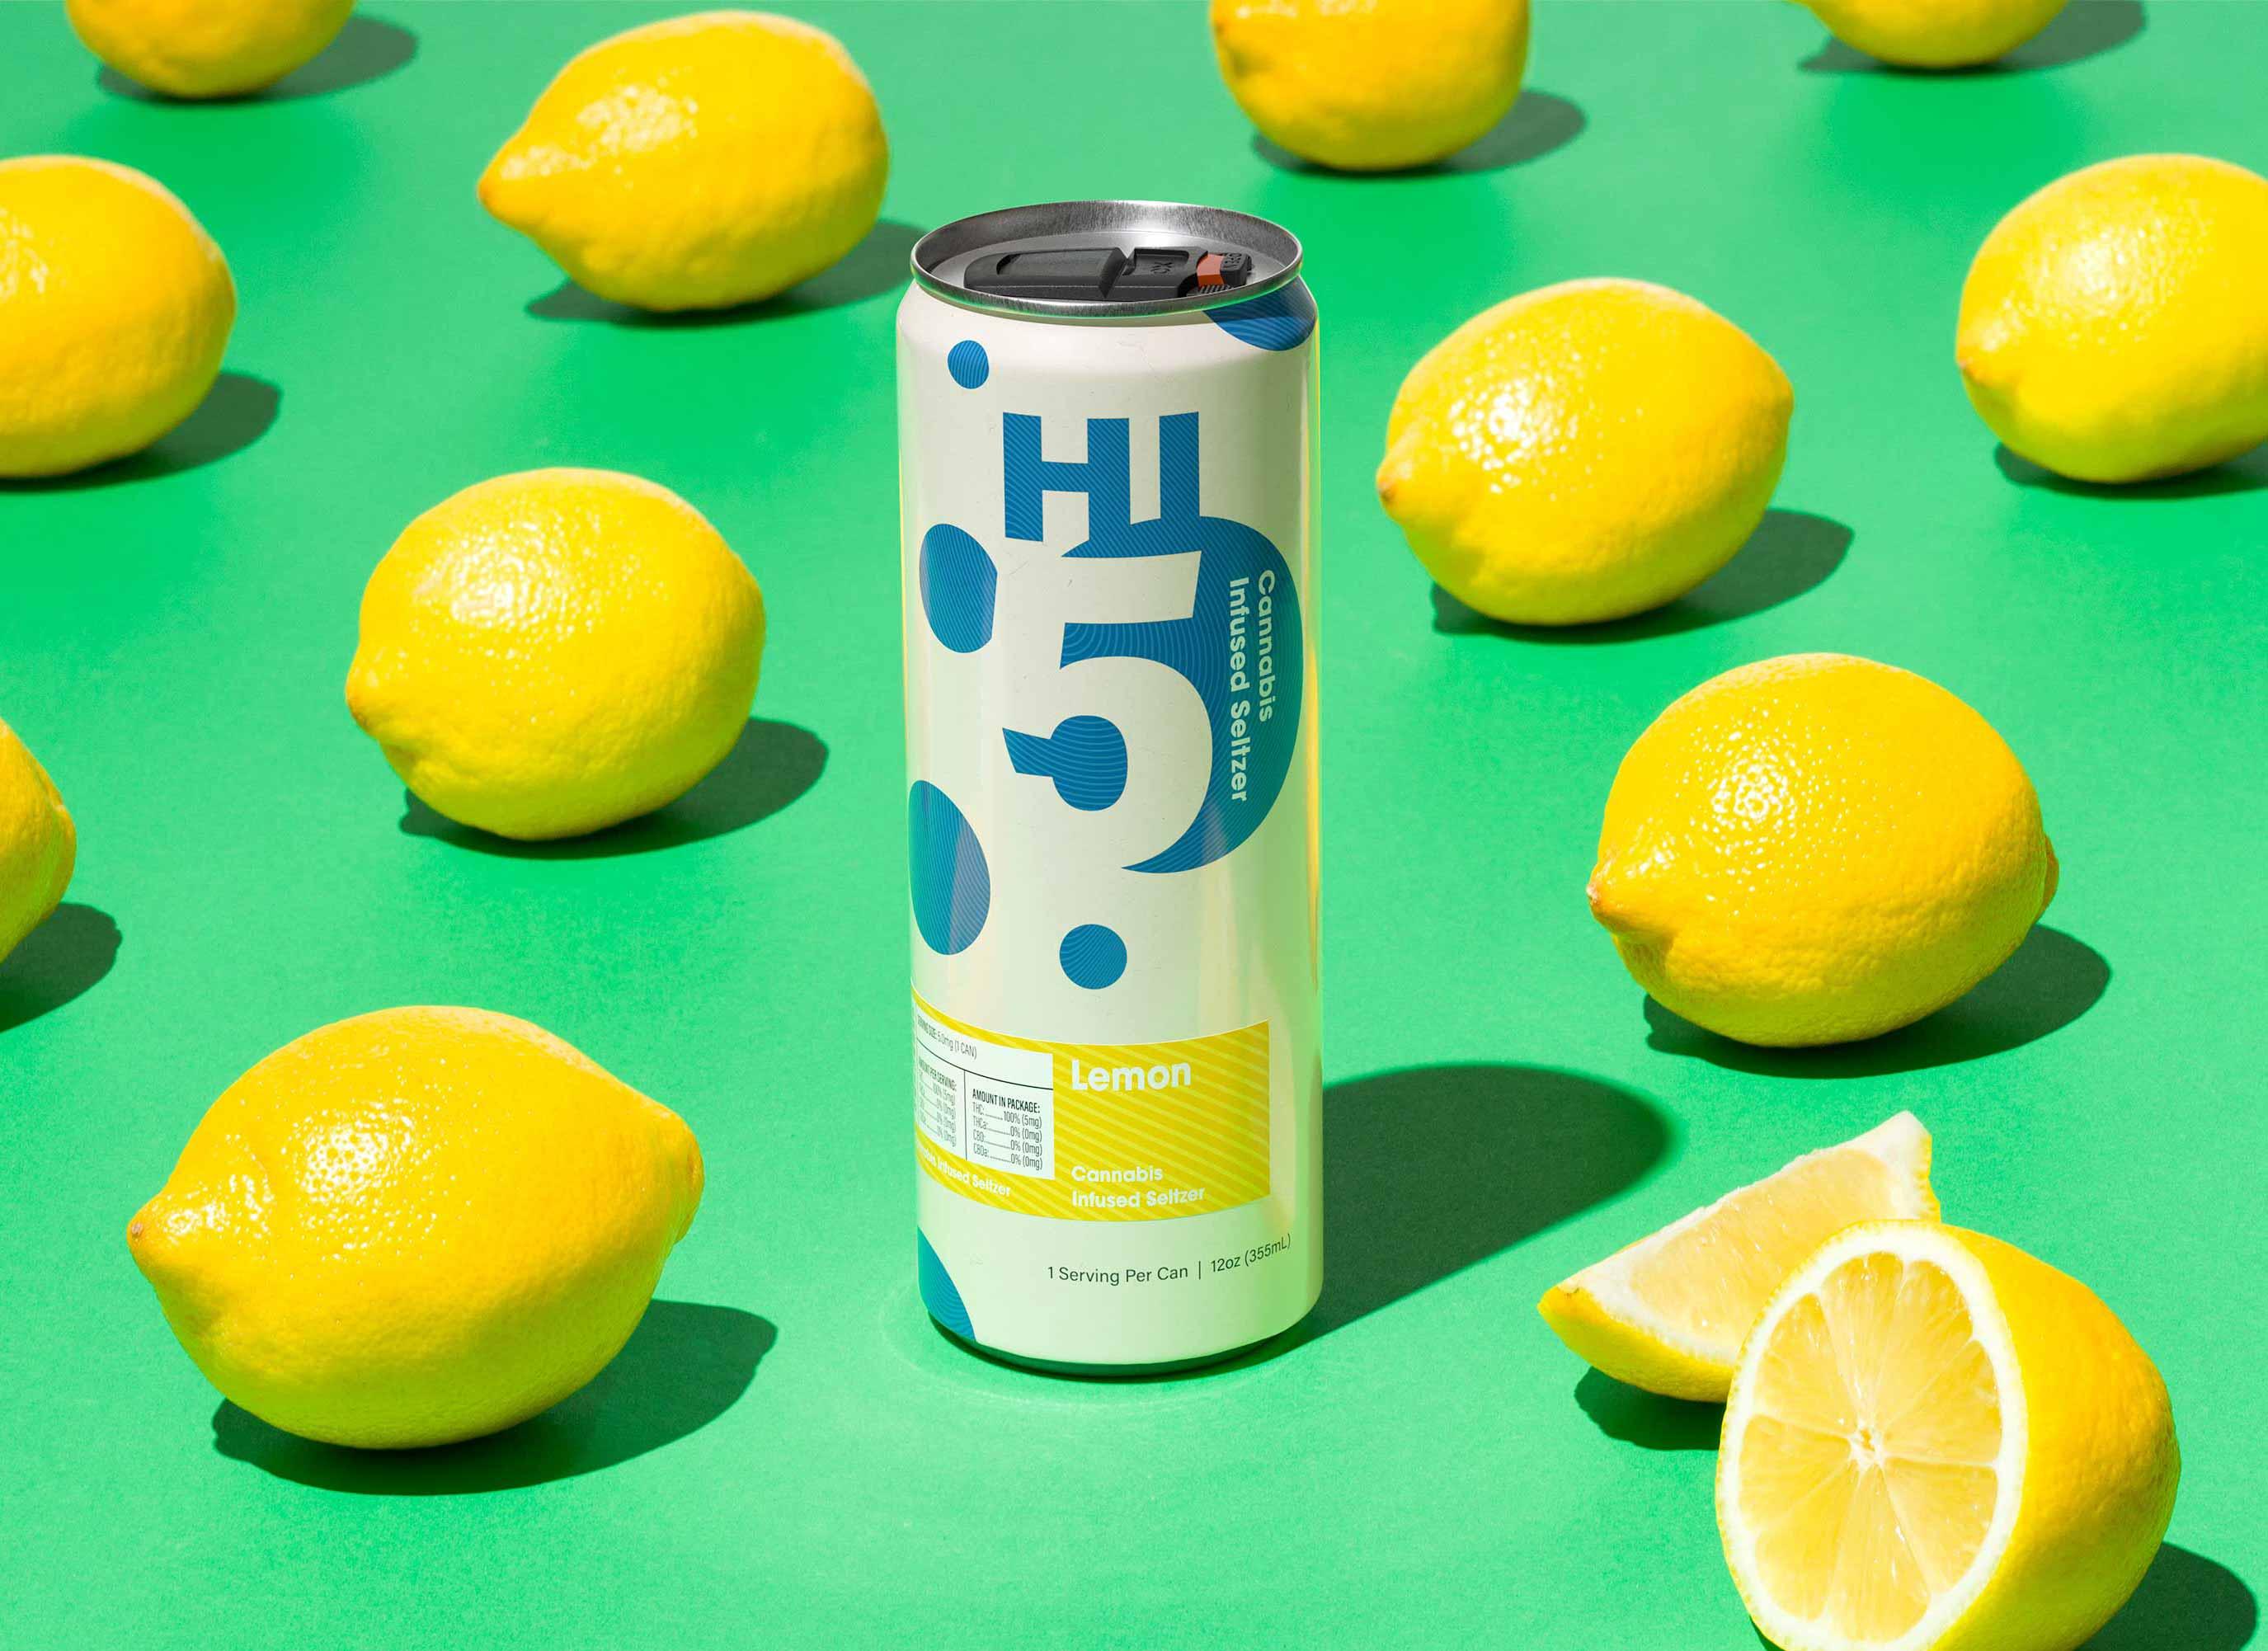 Hi5 Cannabis Seltzer Lemon flavor with lemons